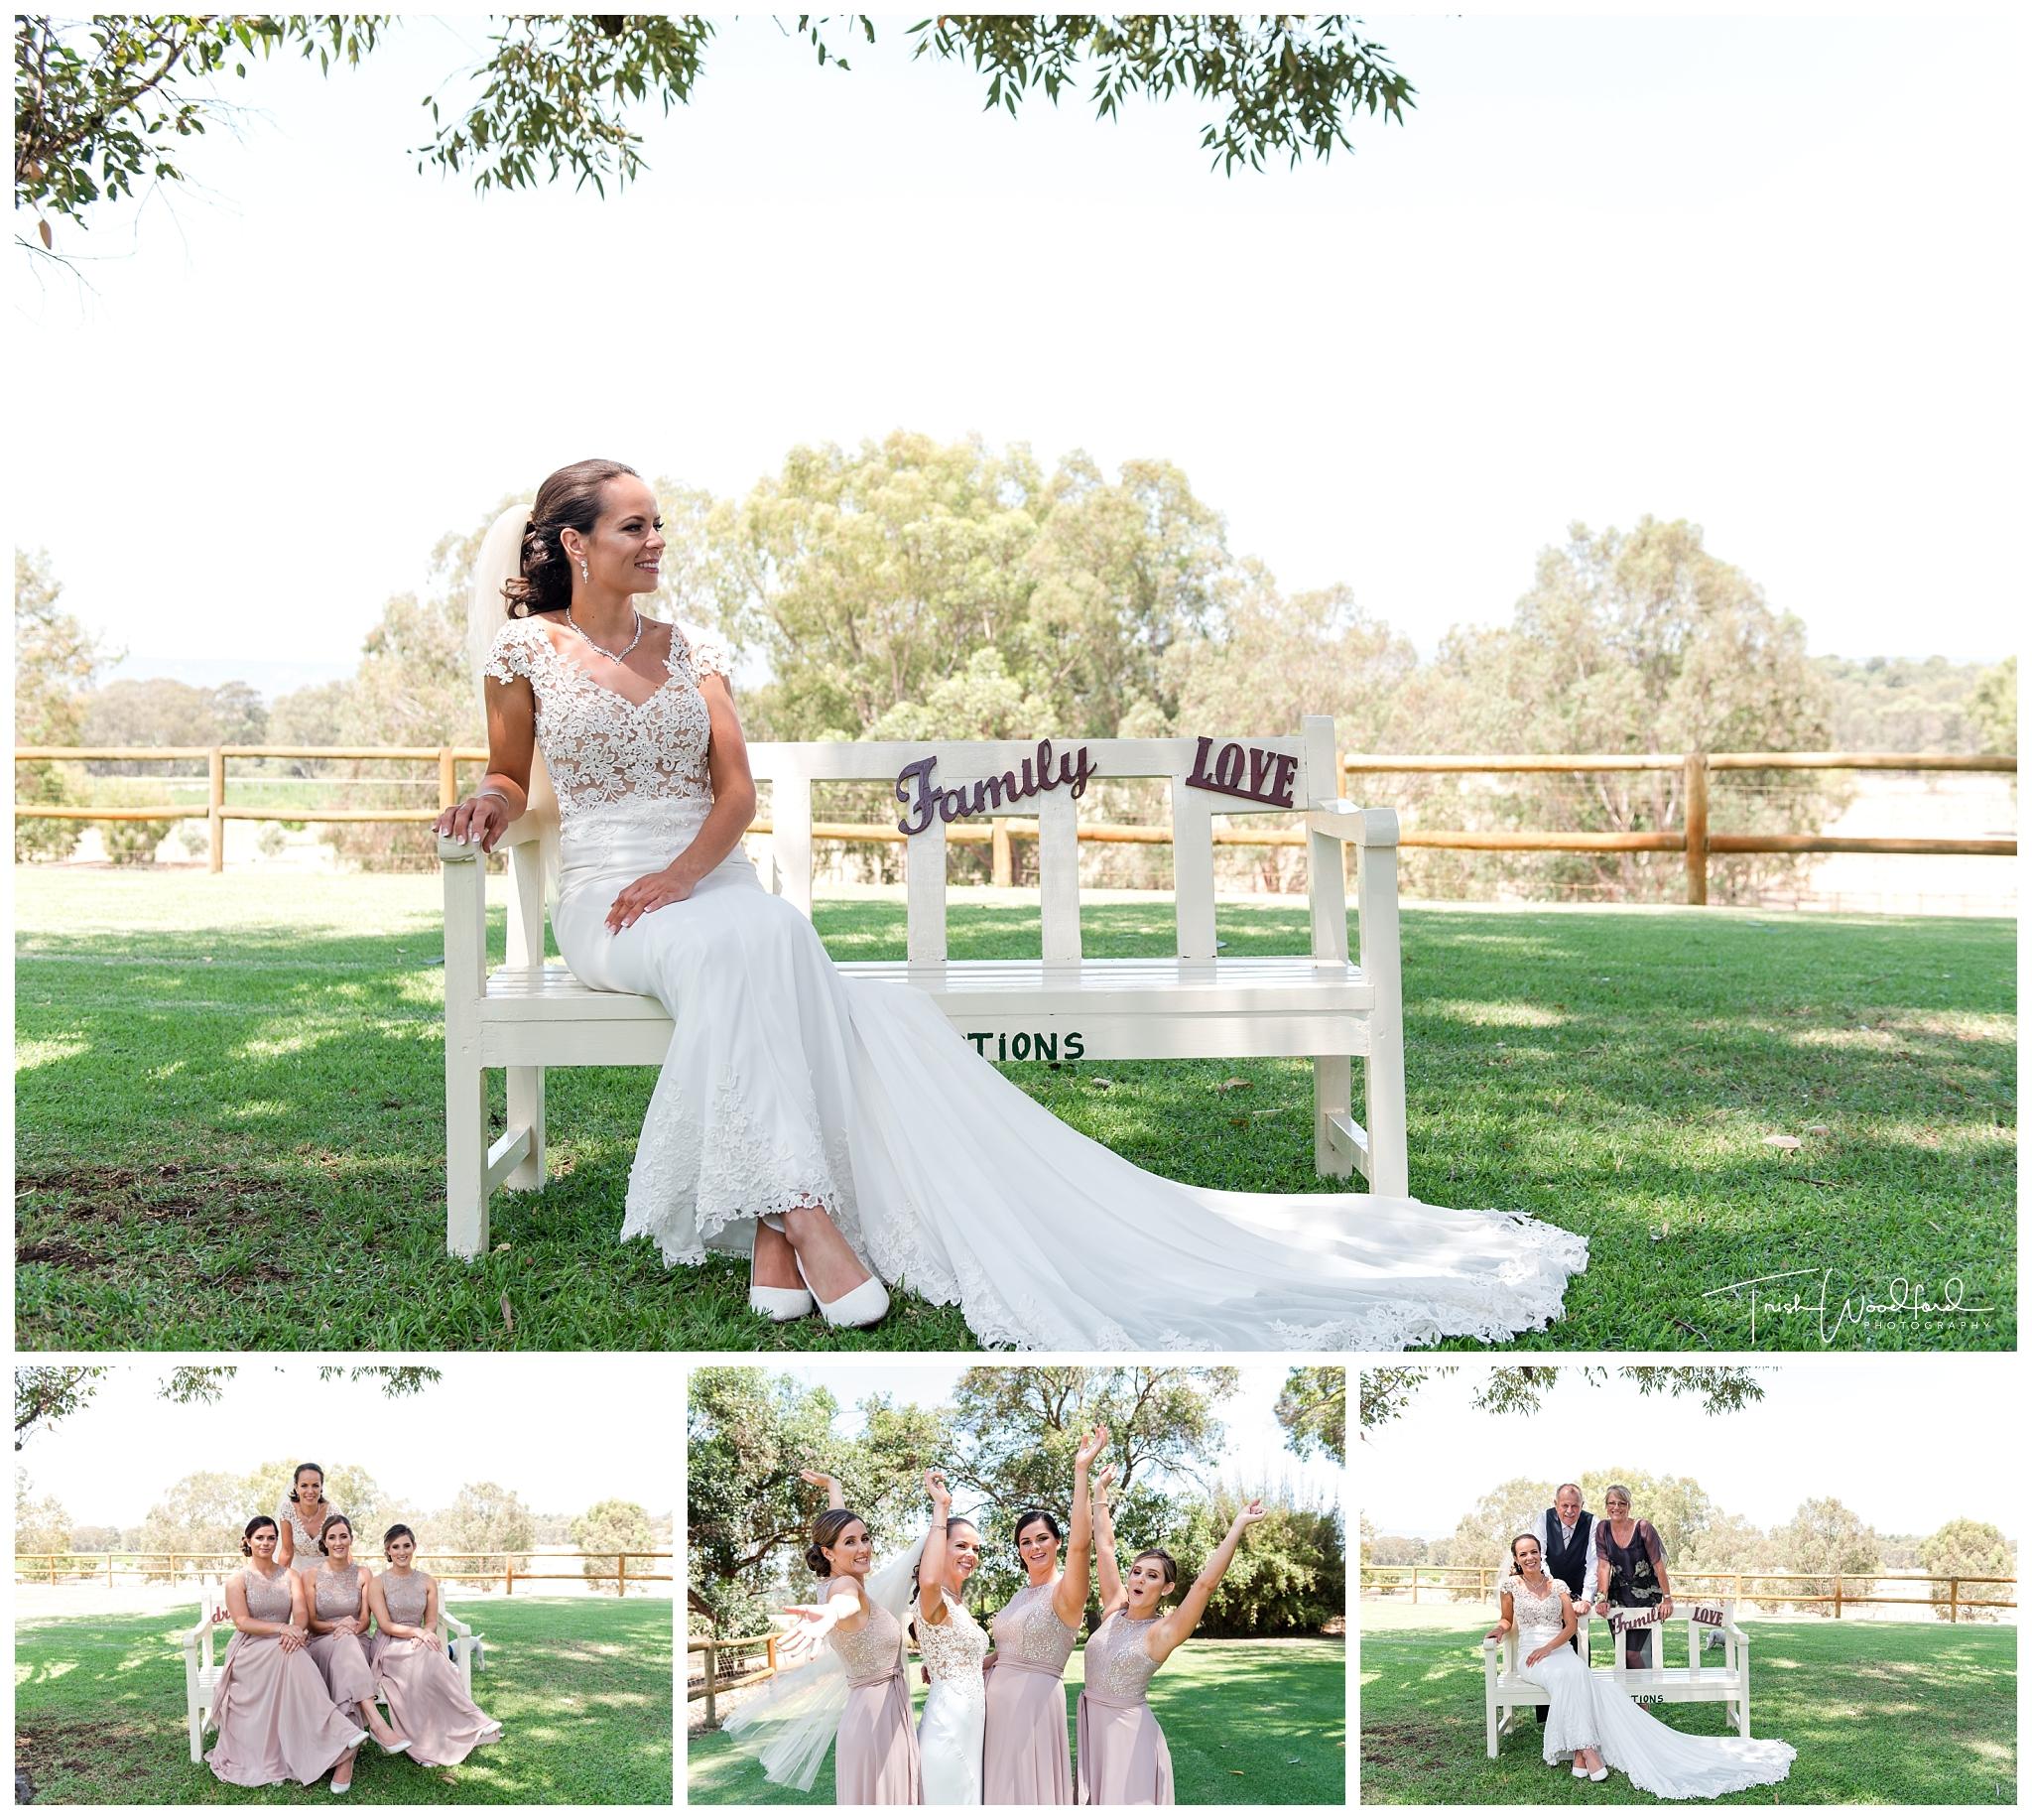 Swan Valley Bride